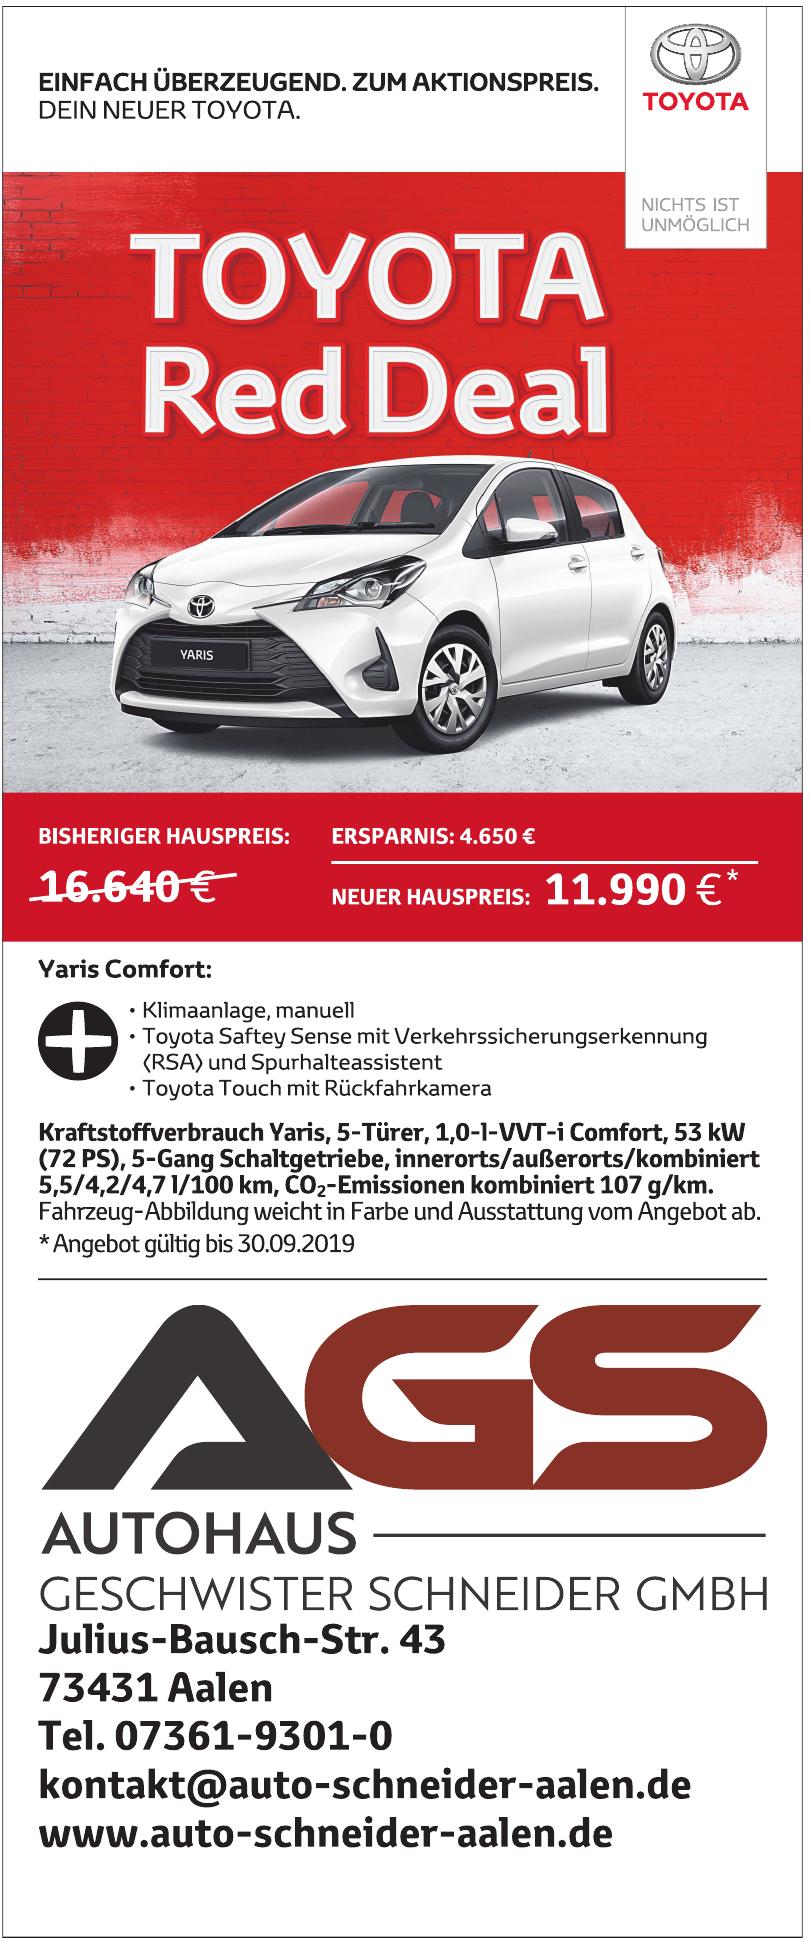 Geschw.Schneider GmbH Autohaus